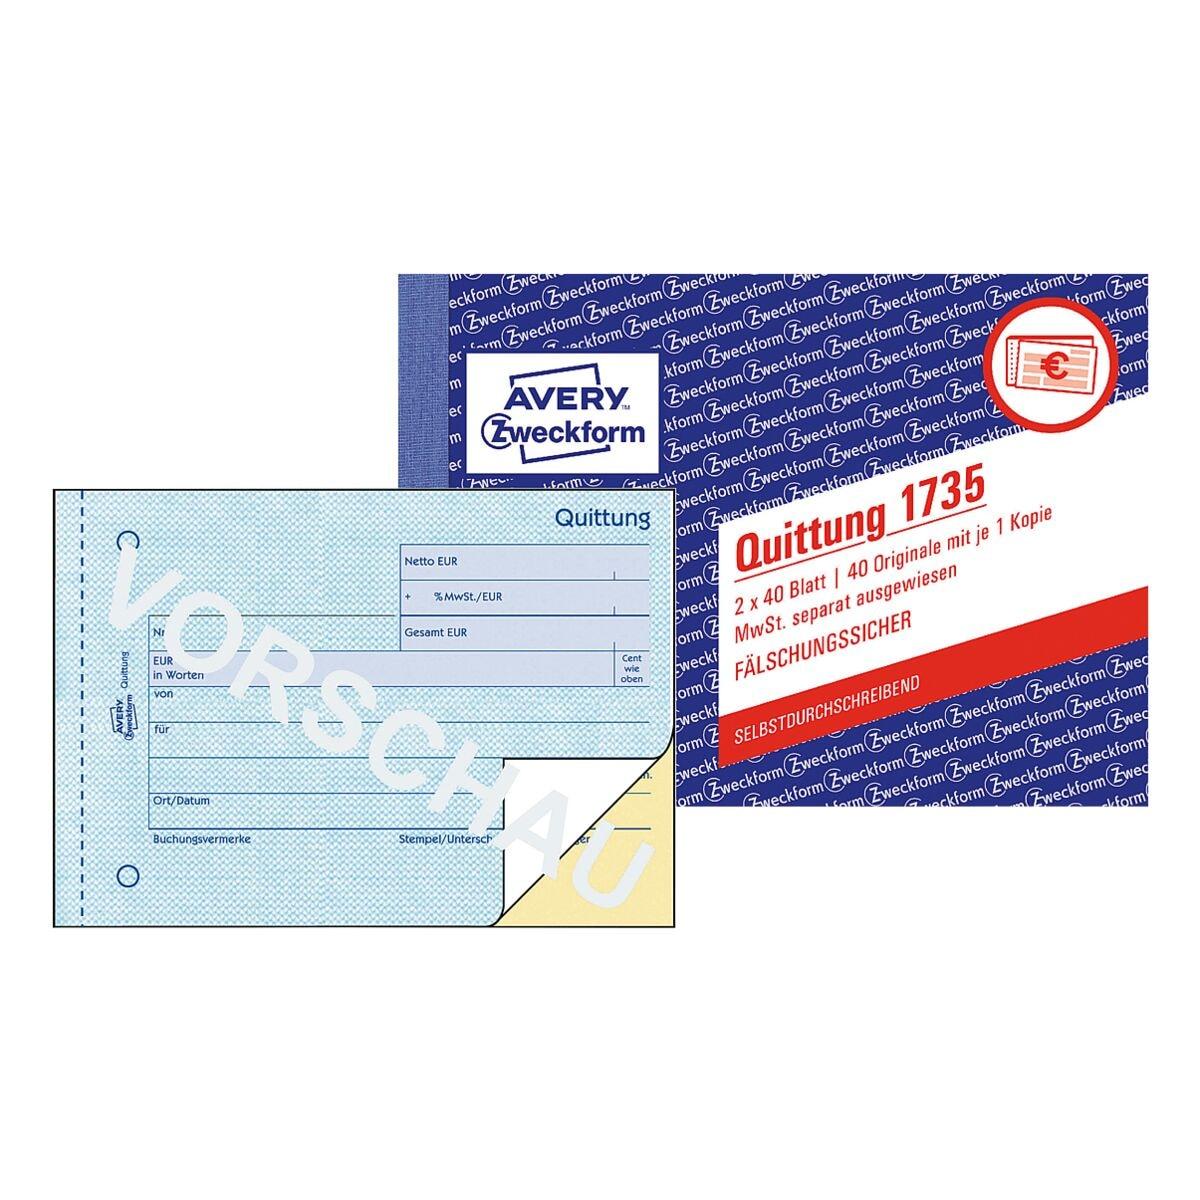 Avery Zweckform 5er-Pack Formularbuch »Quittung 1735 MwSt. separat ausgewiesen«